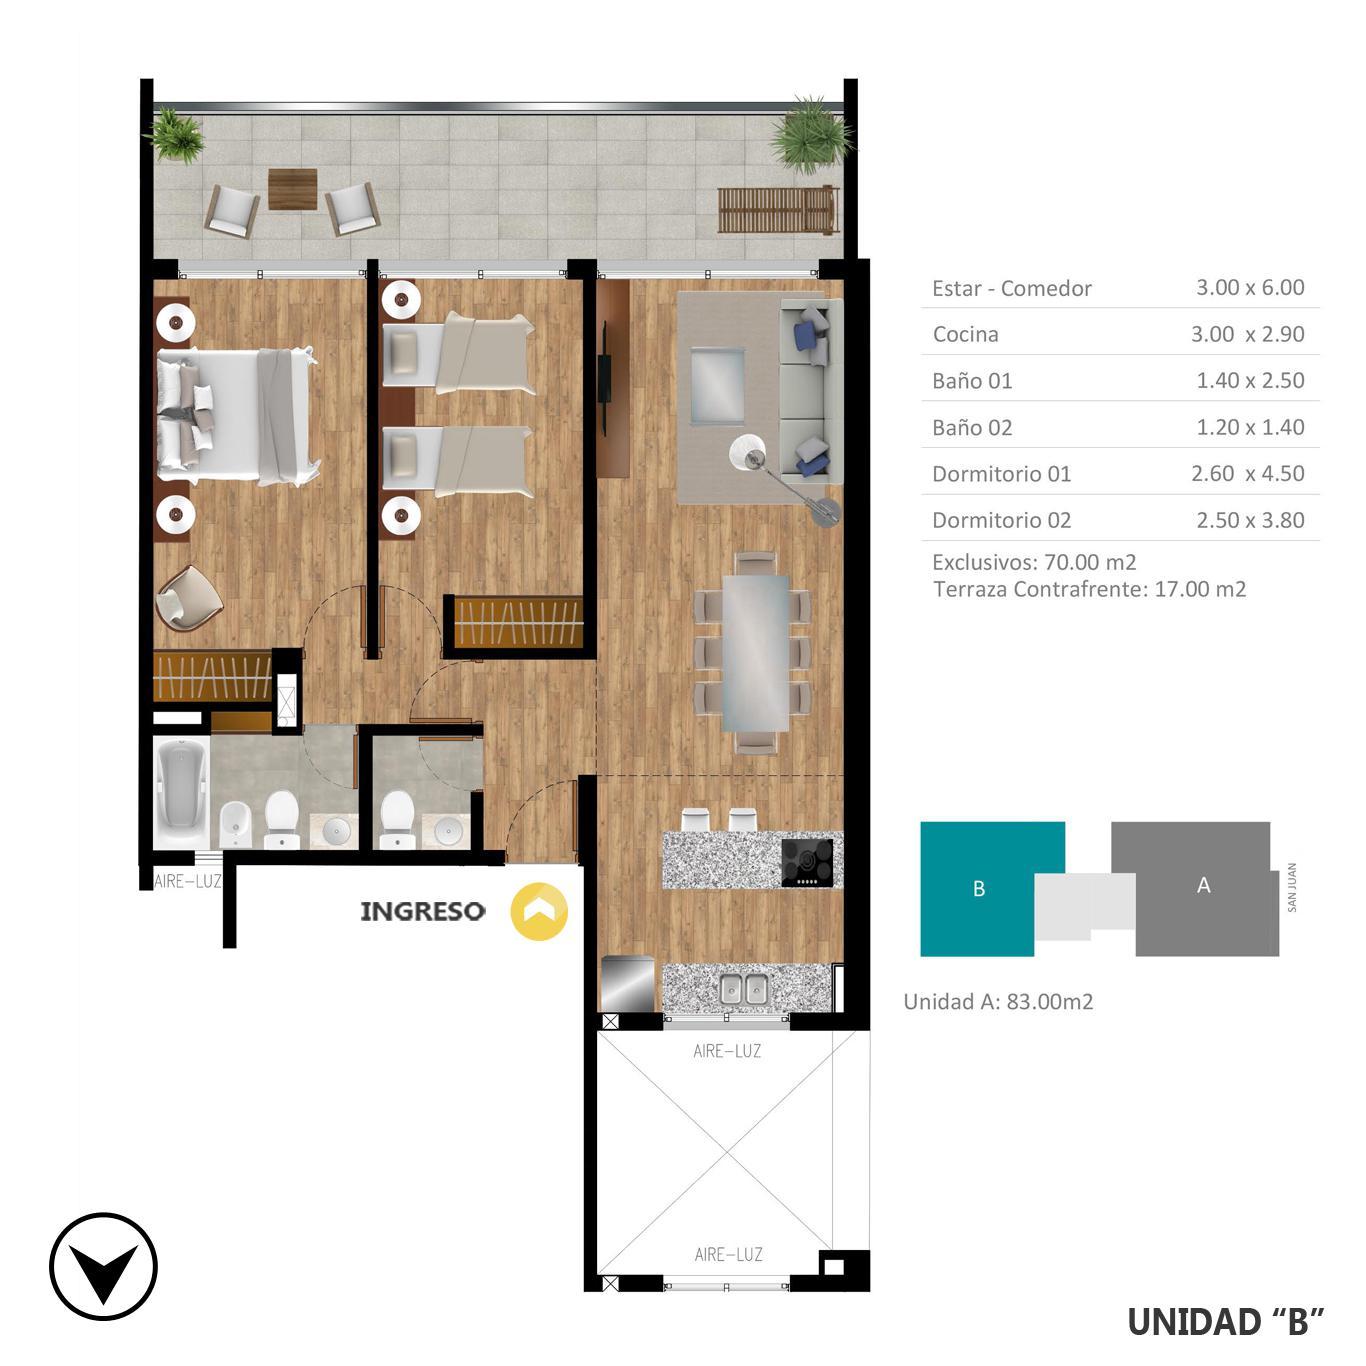 Venta departamento 2 dormitorios Rosario, Lourdes. Cod CBU24479 AP2284044. Crestale Propiedades